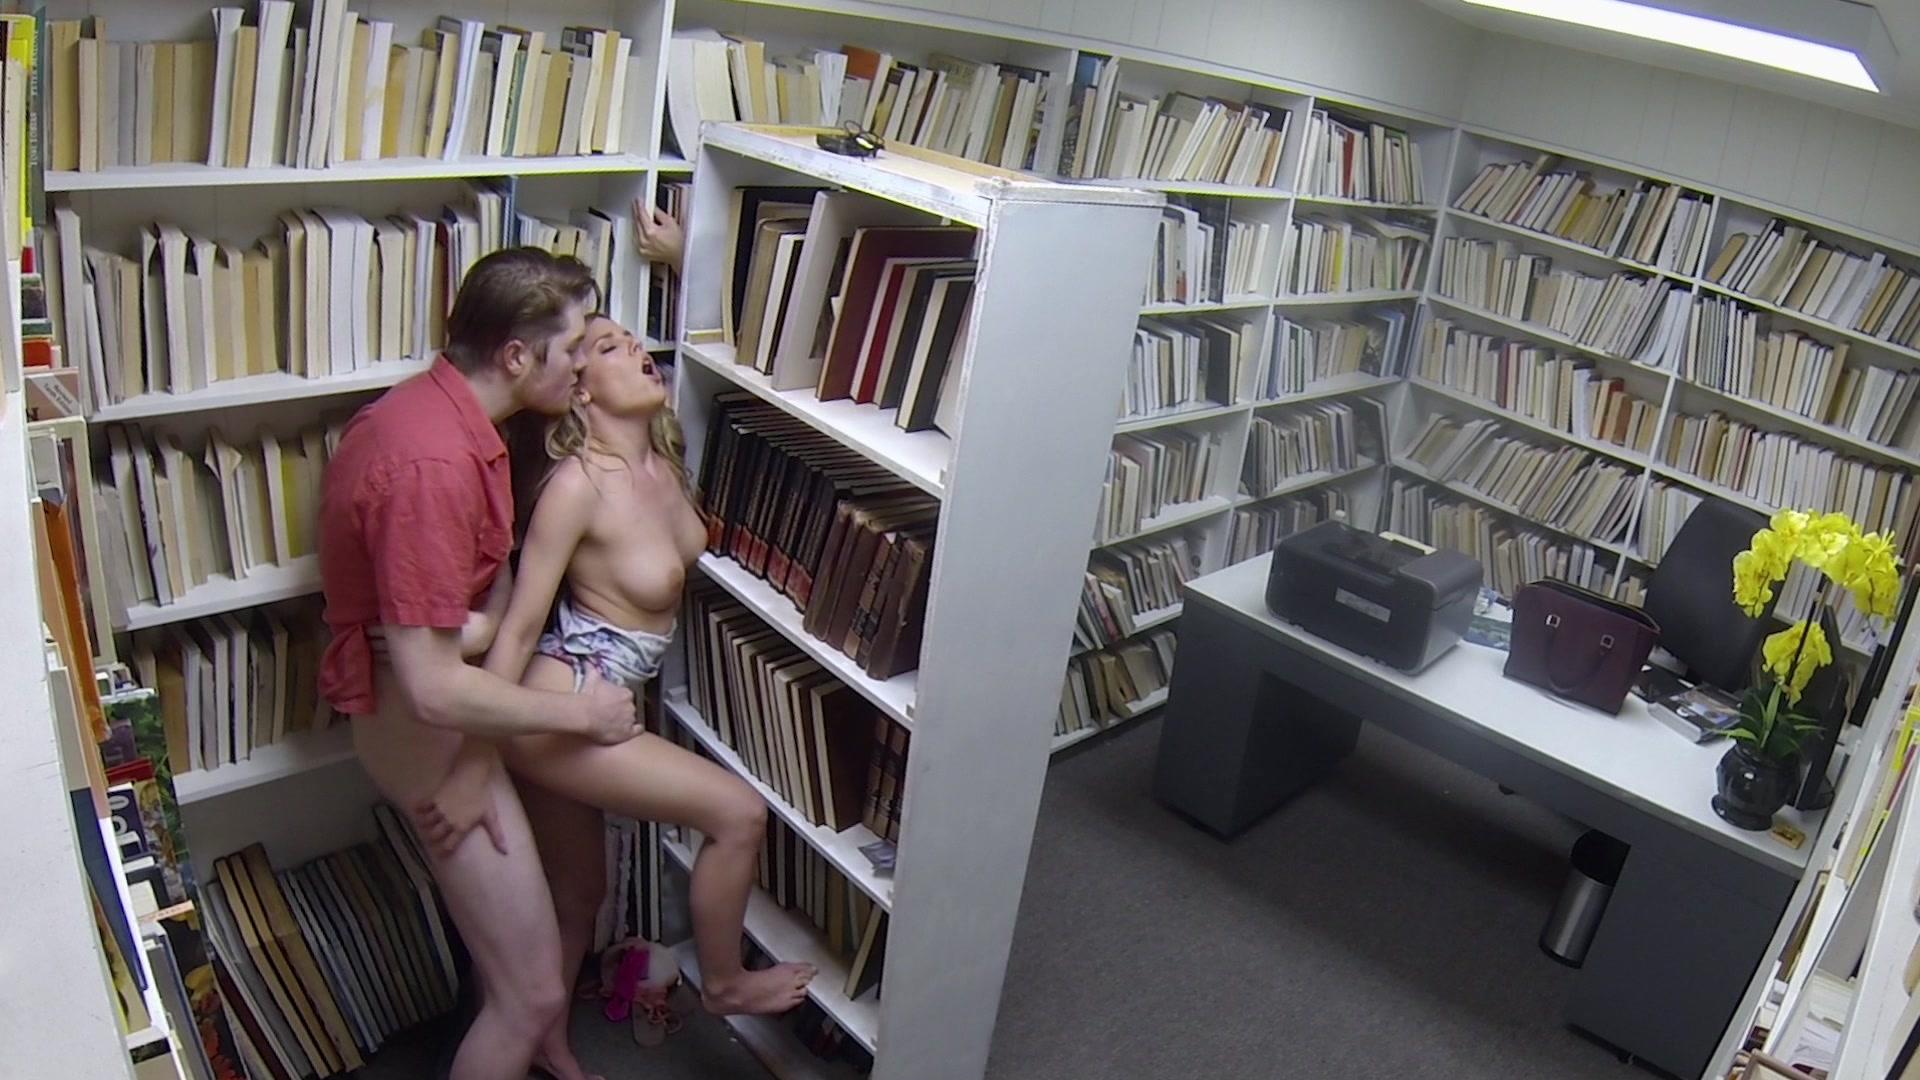 video-sluchayno-trahnul-v-biblioteke